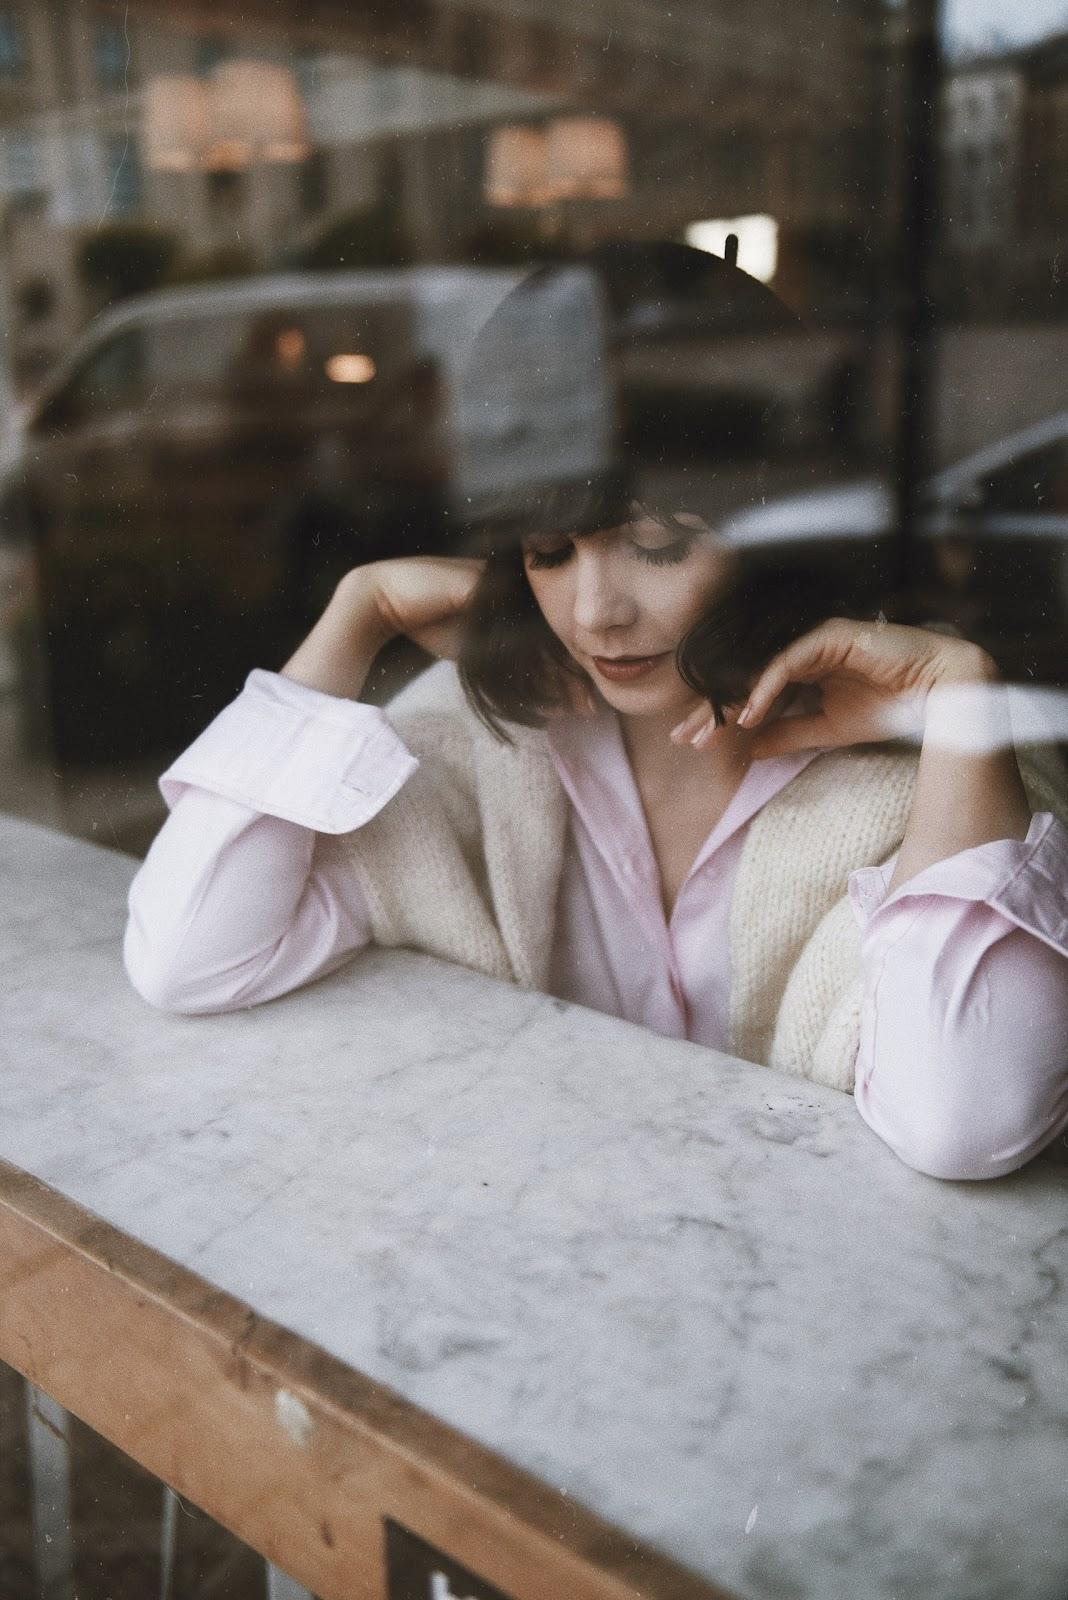 efba70c0172d78 Swetry to nieodłączny element jesiennych stylizacji. Ogrzewają nas podczas  chłodniejszych dni, otulają swoją delikatnością, a jednocześnie, dzięki  swoim ...